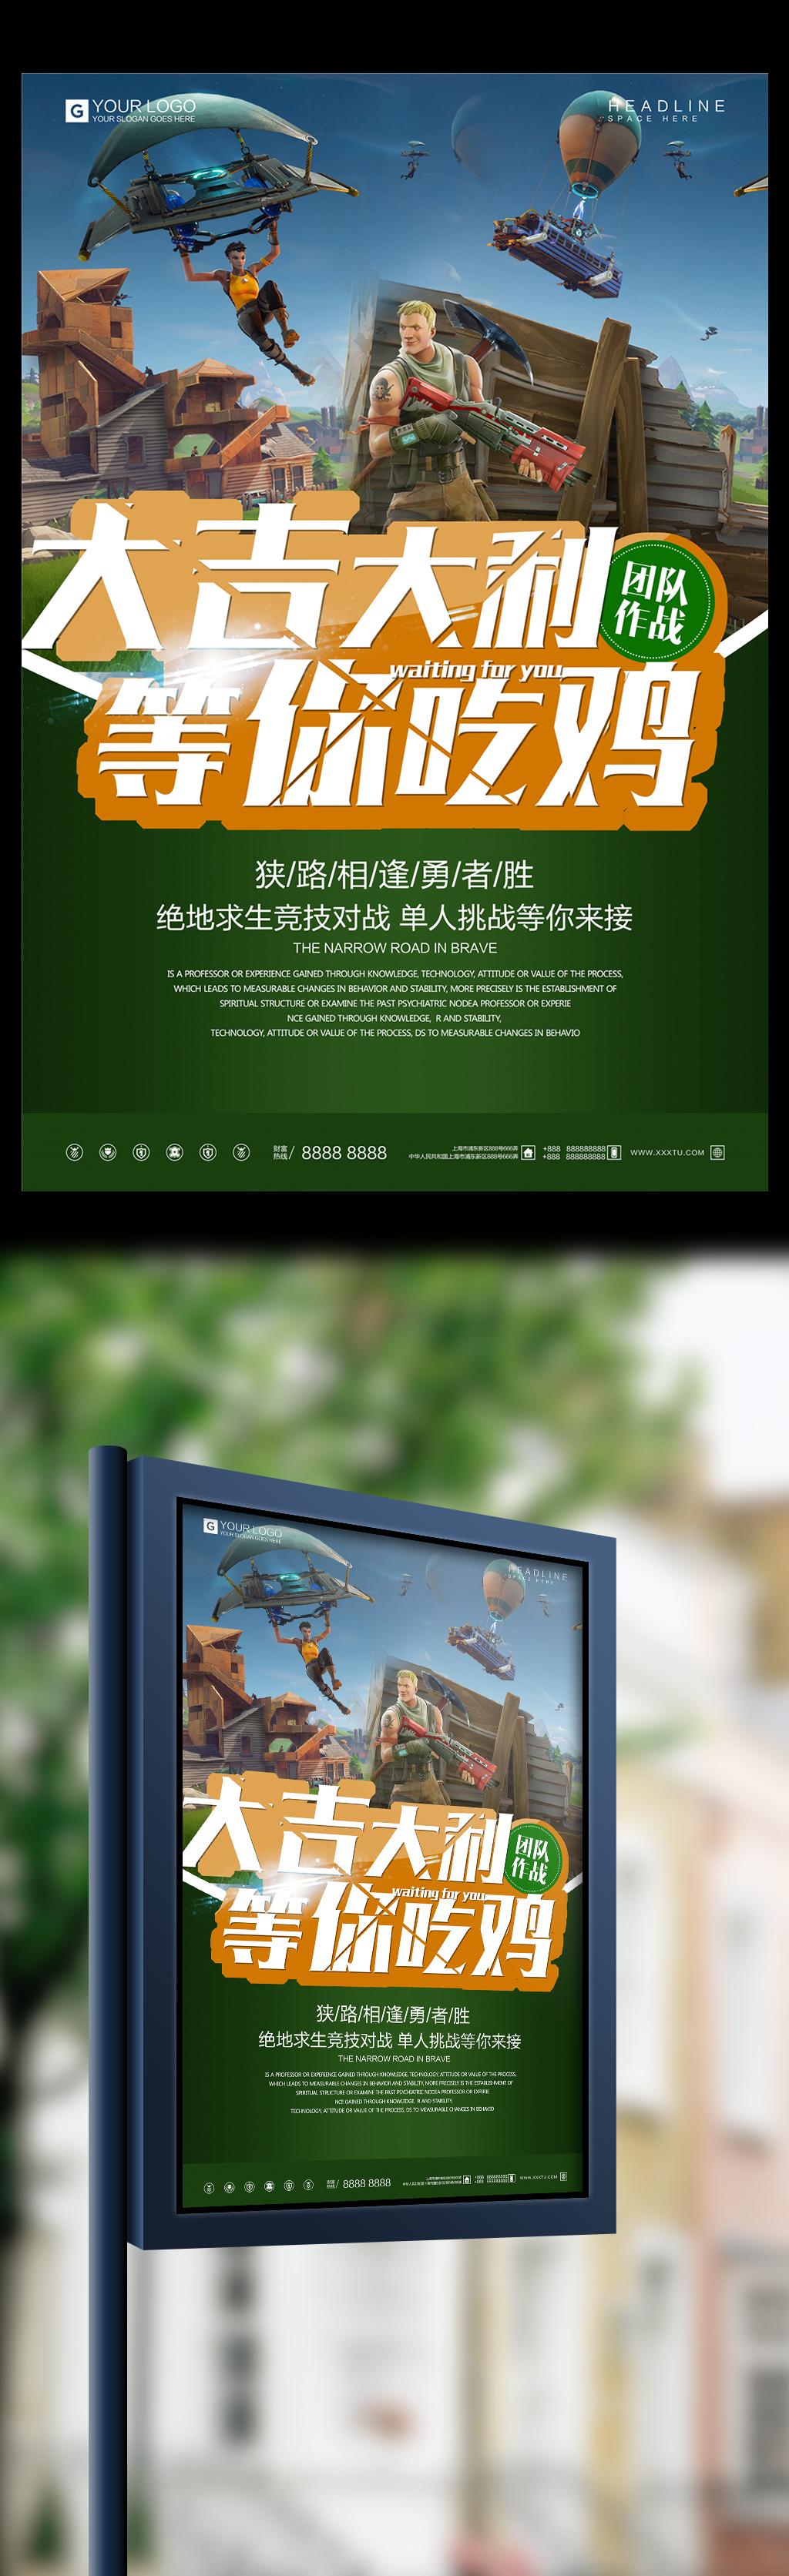 平面|广告设计 海报设计 其他海报设计 > 创意设计绝地求生吃鸡宣传图片